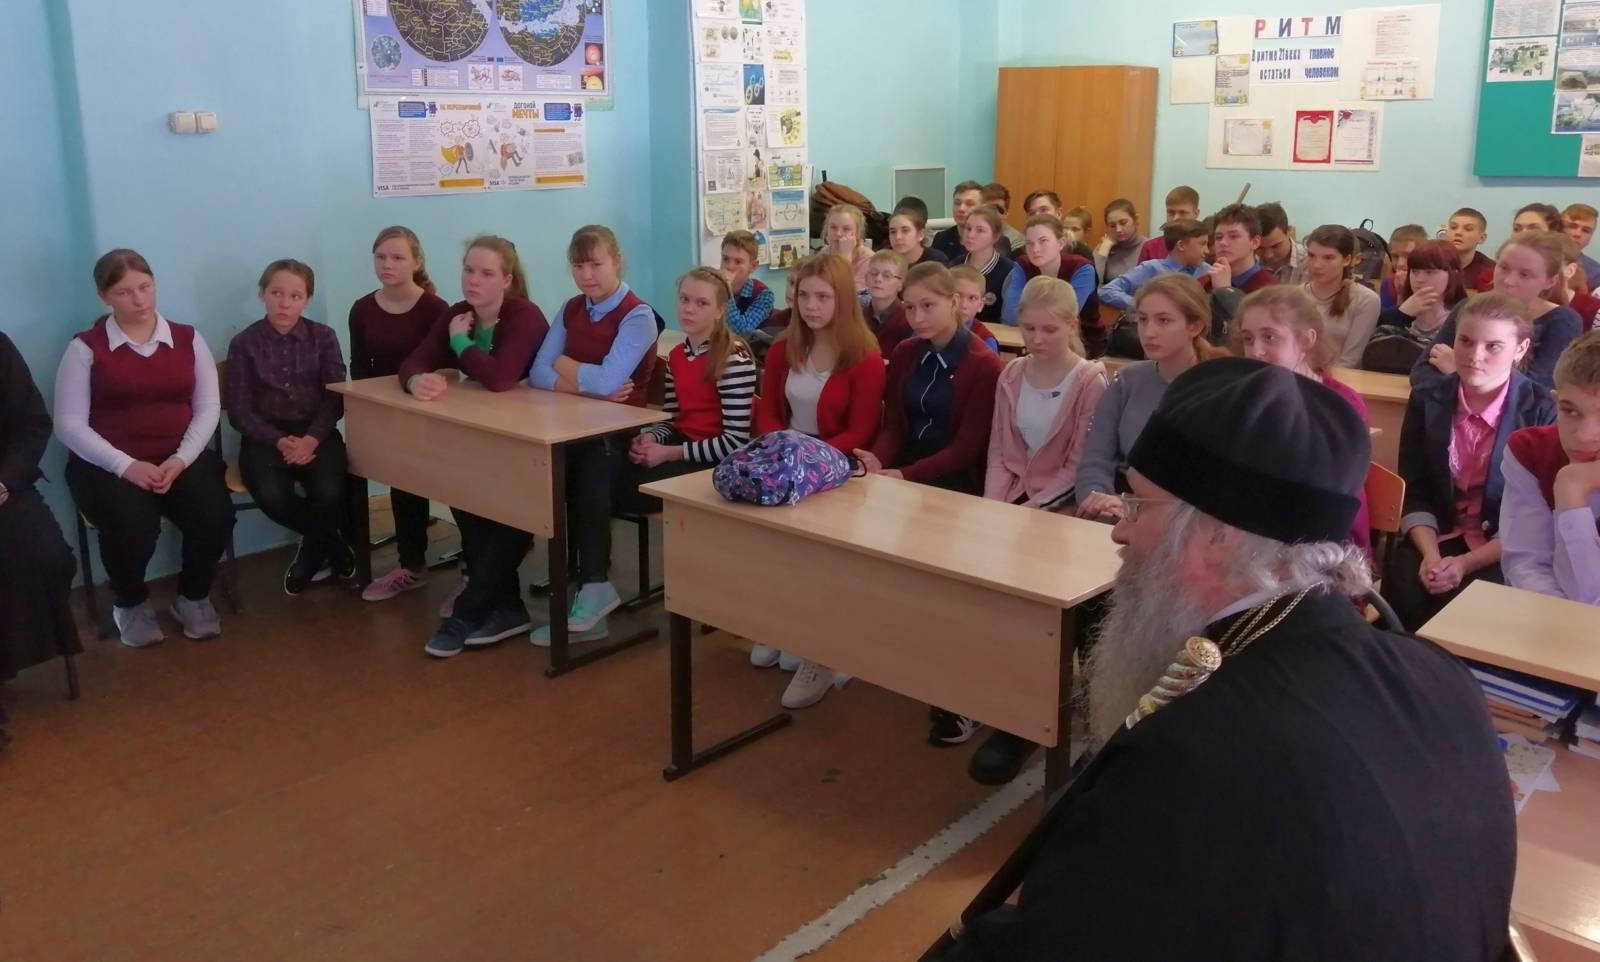 Епископ Урюпинский и Новоаннинский Елисей посетил Упорниковский лицей.